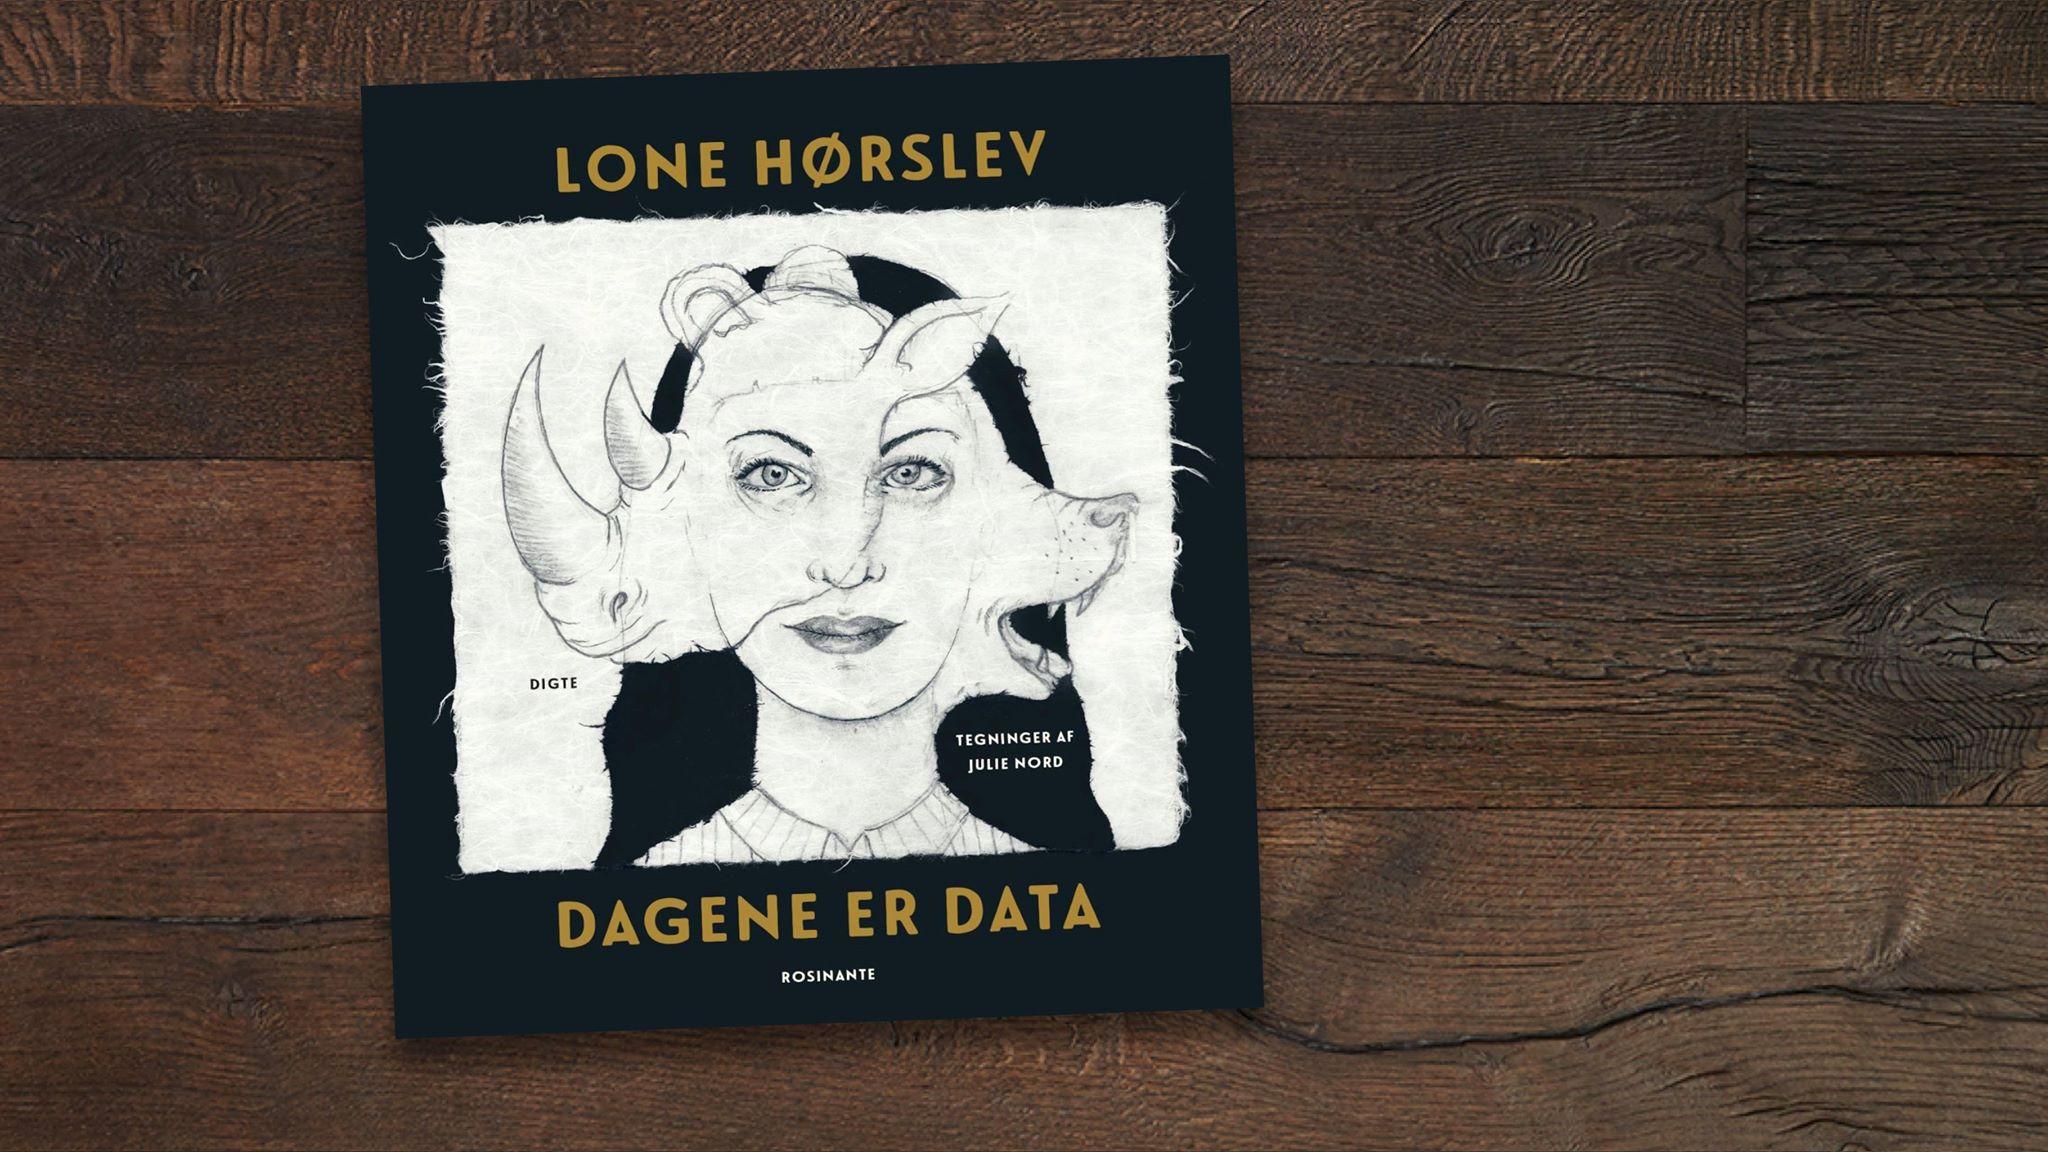 Dagene er data